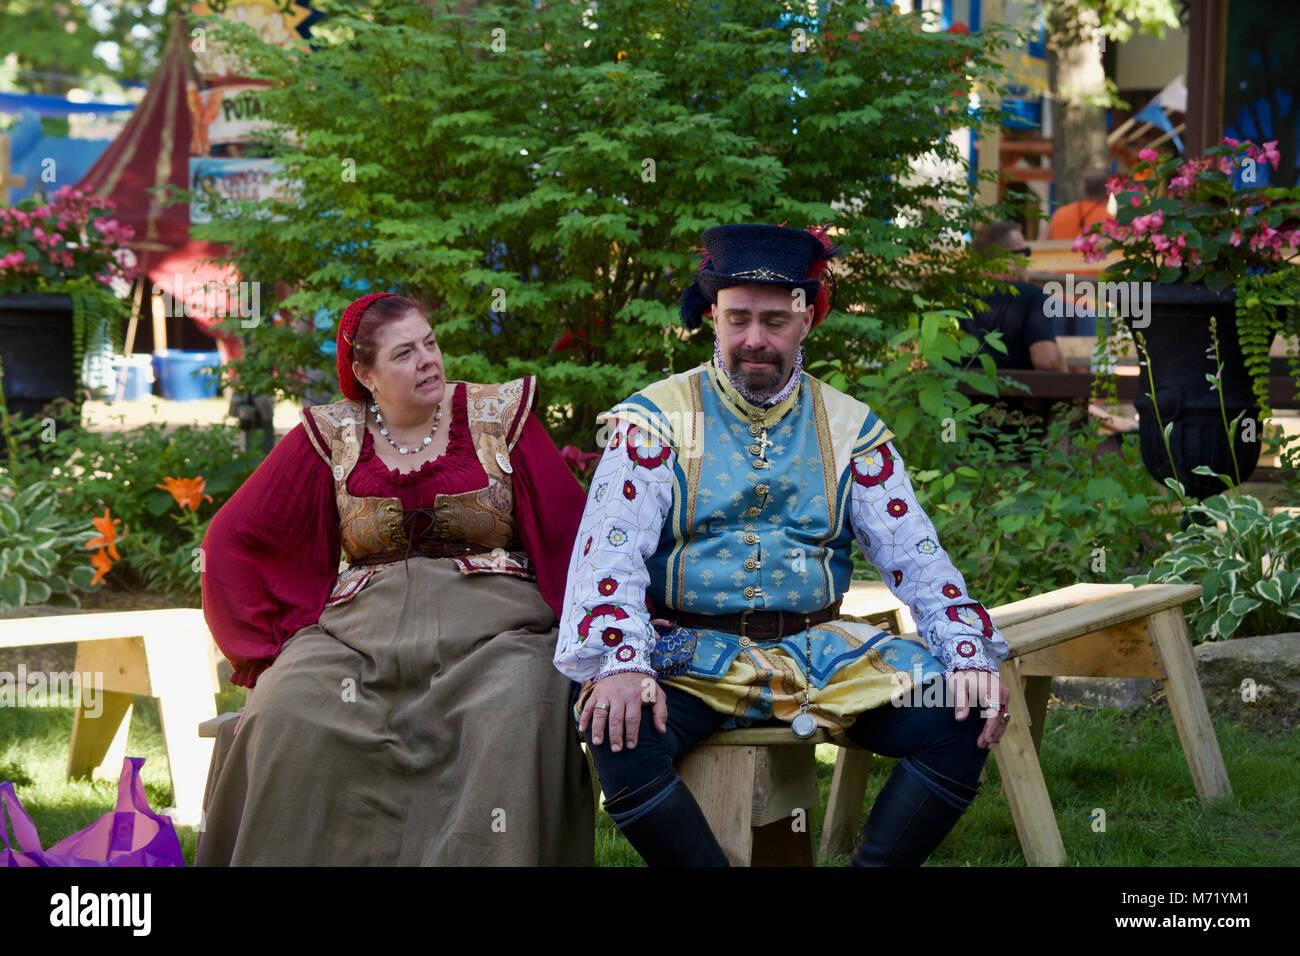 Renaissance Faire Stock Photos Amp Renaissance Faire Stock